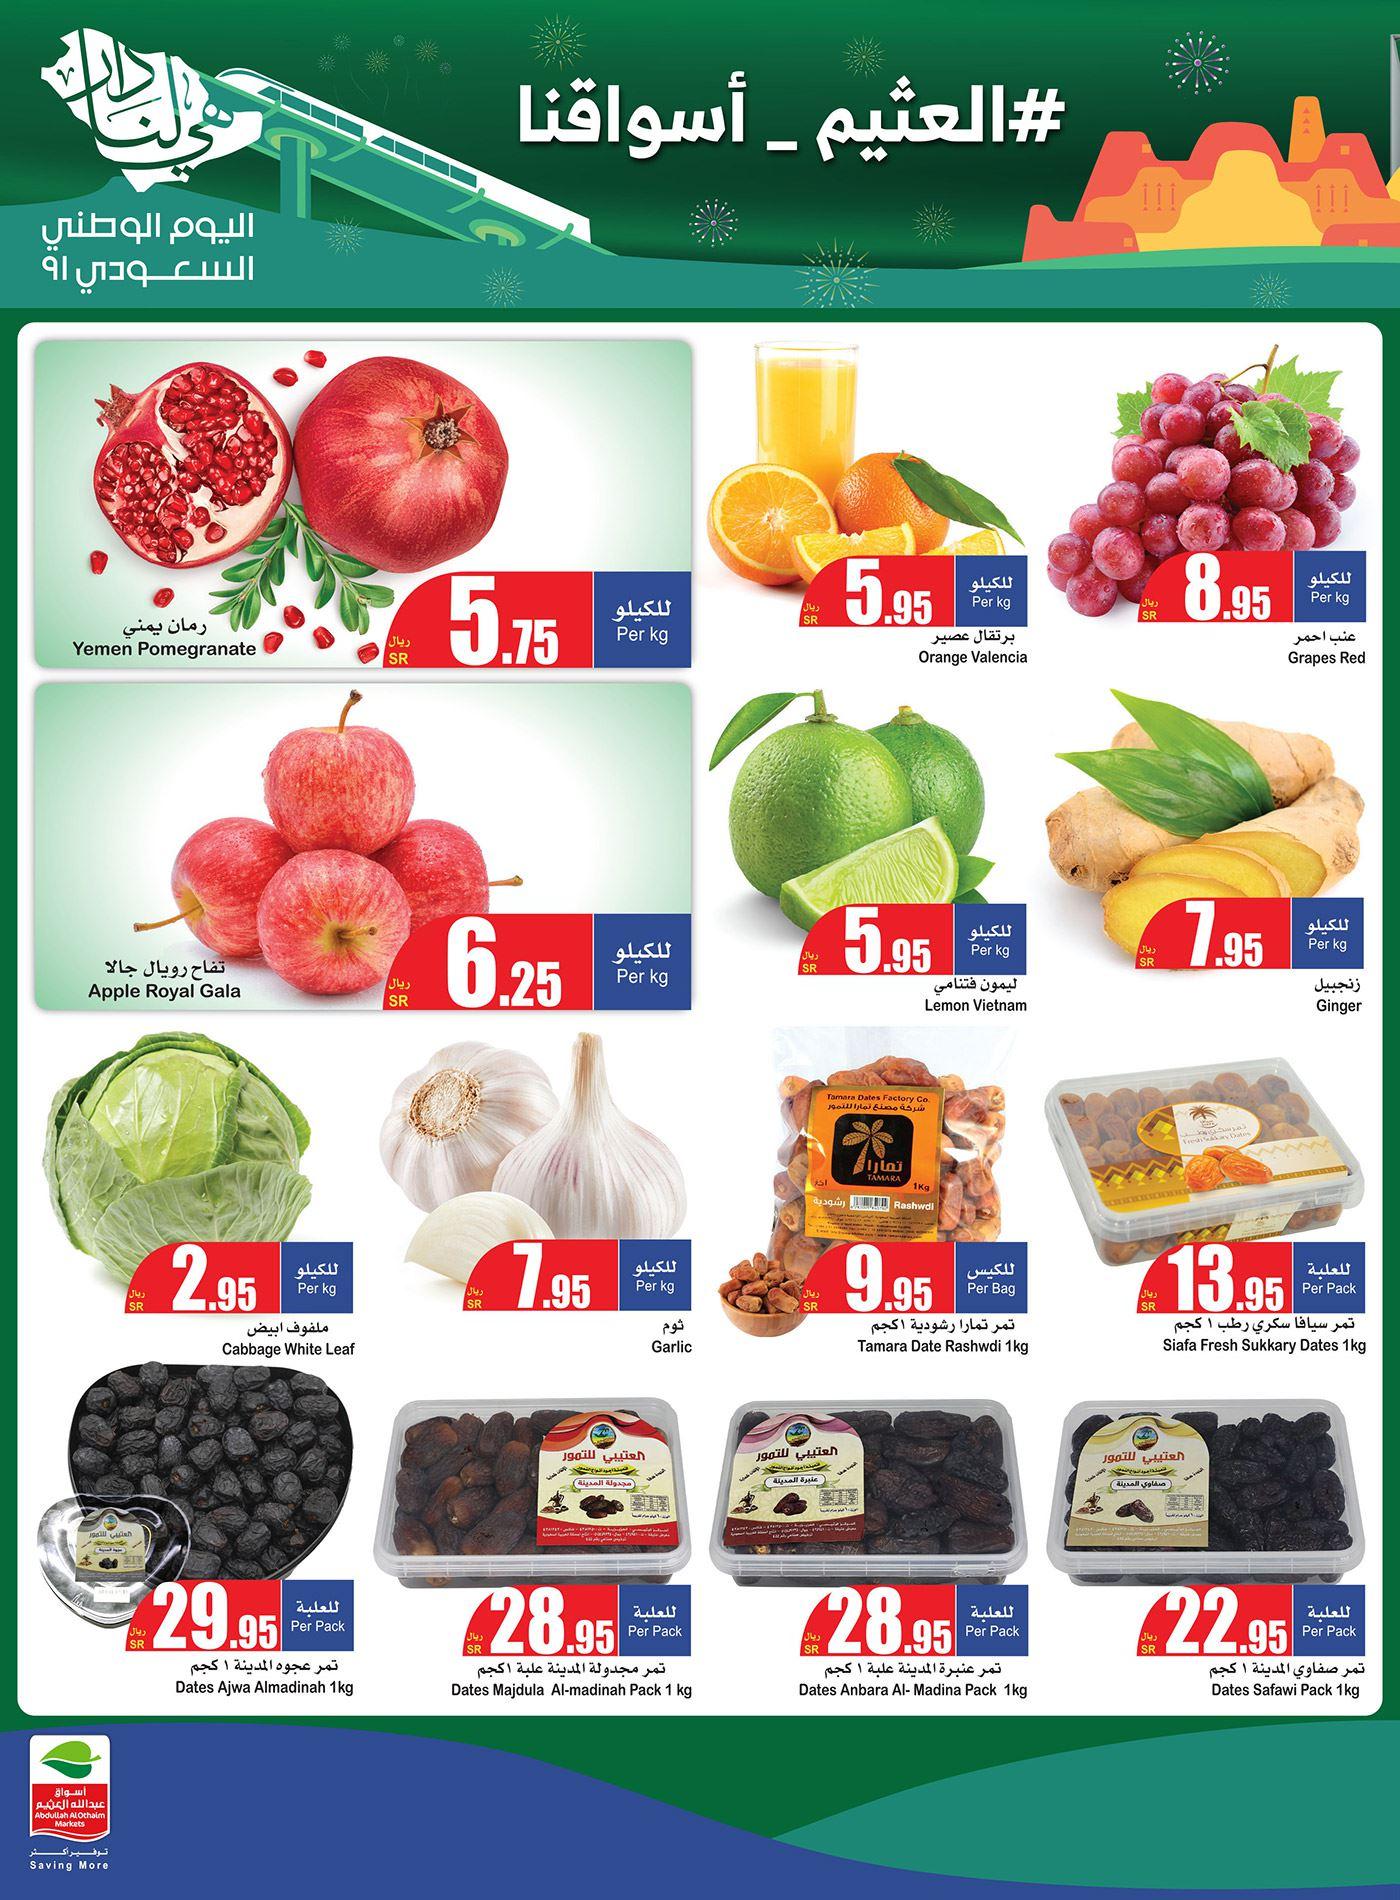 مجلة عروض العثيم لليوم الوطني 91 خضار وفاكهة